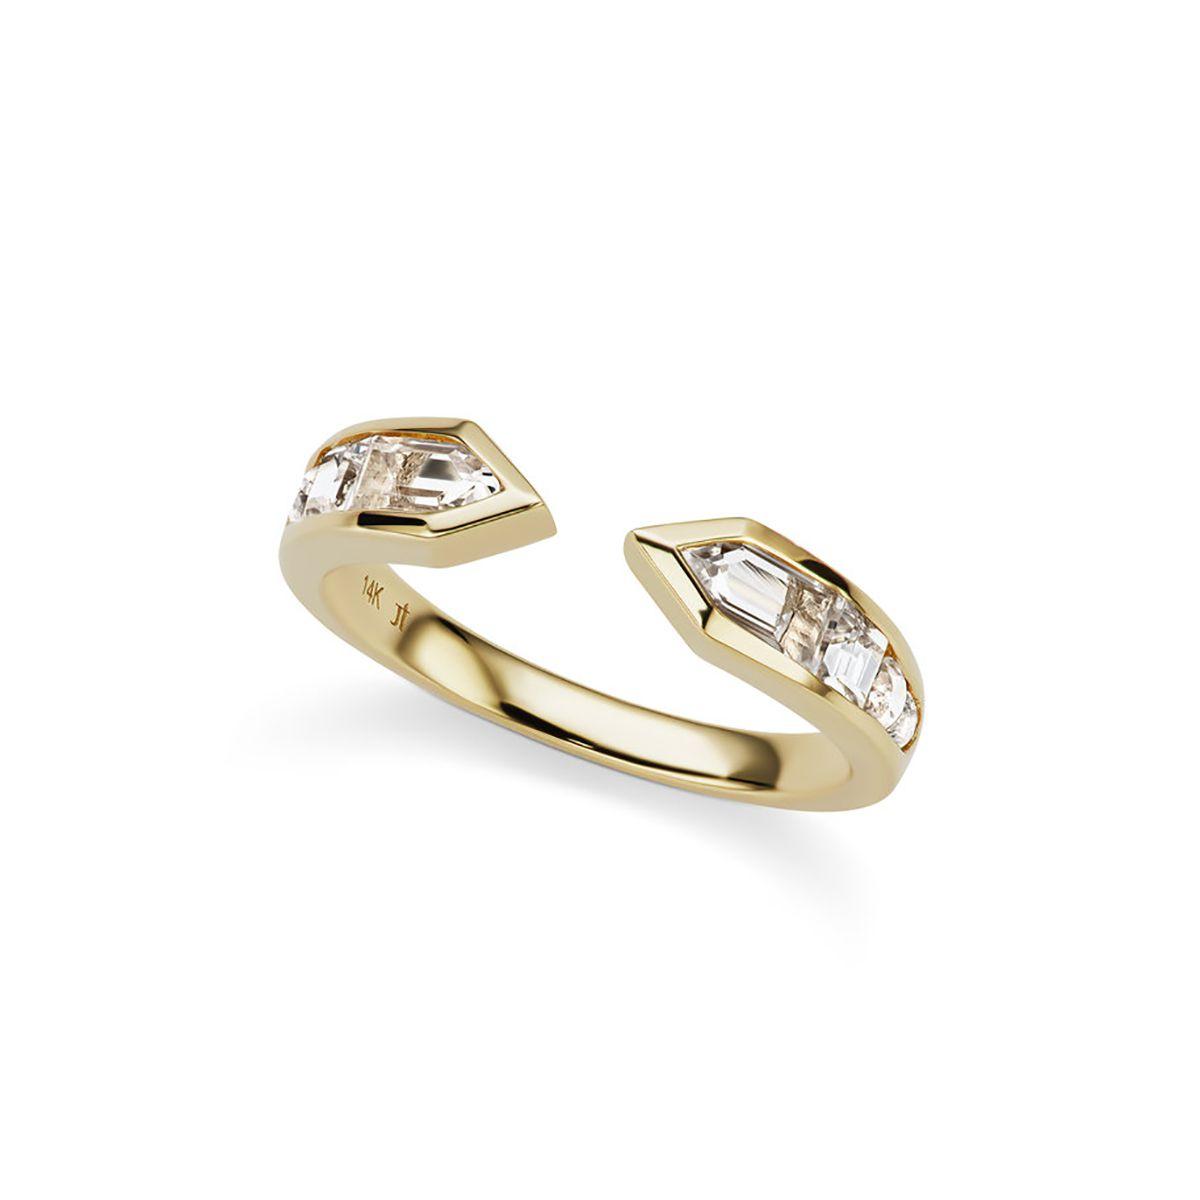 41 Unique Wedding Rings